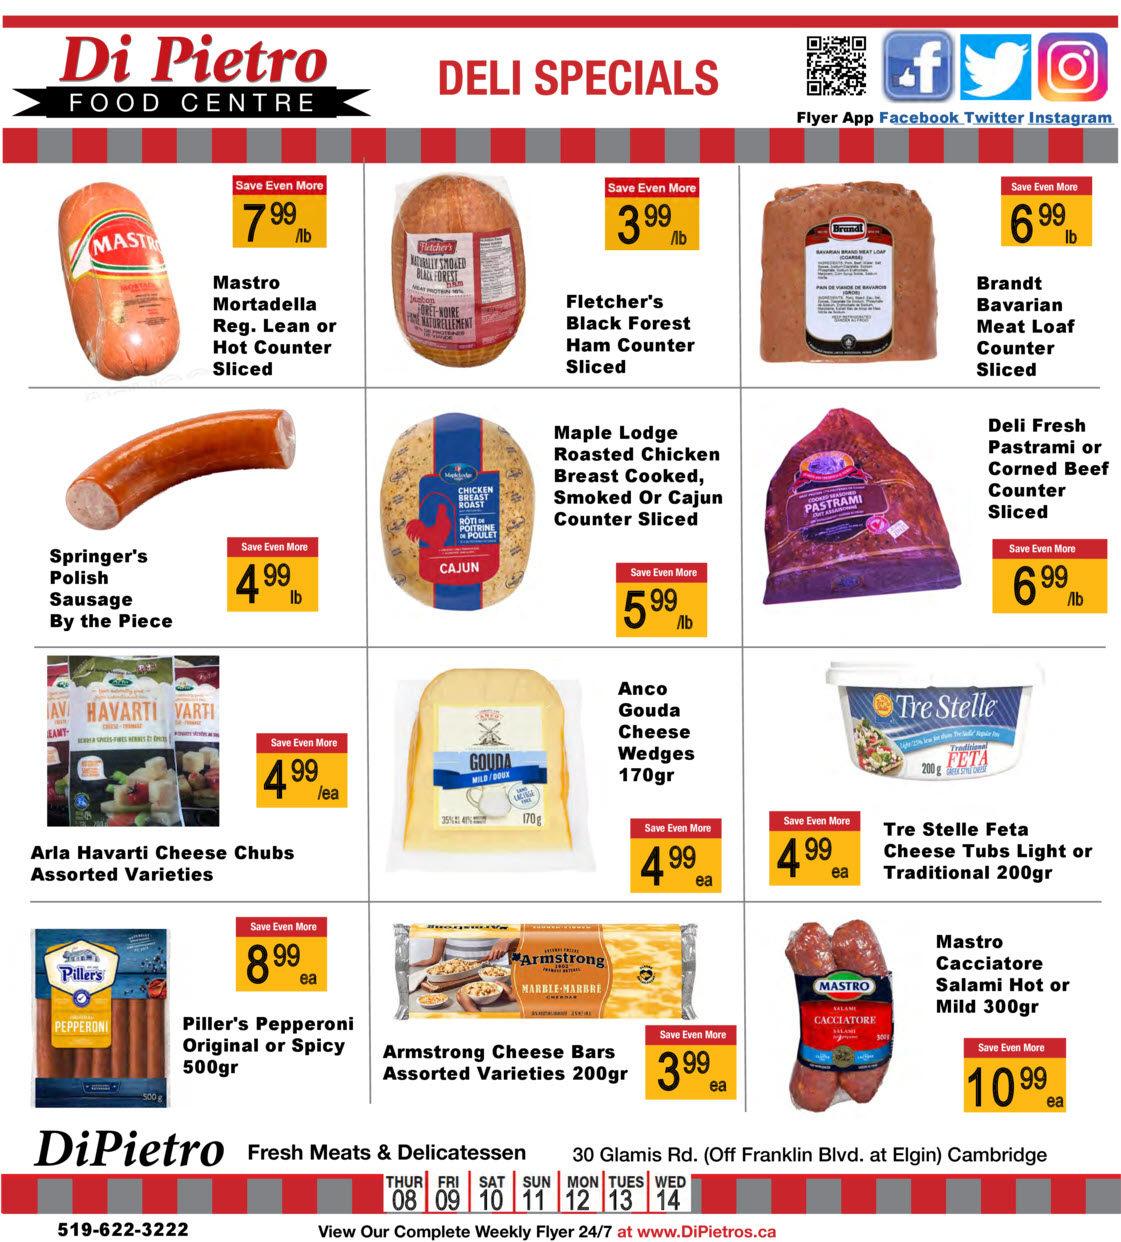 DiPietro - Weekly Flyer Specials - Page 7